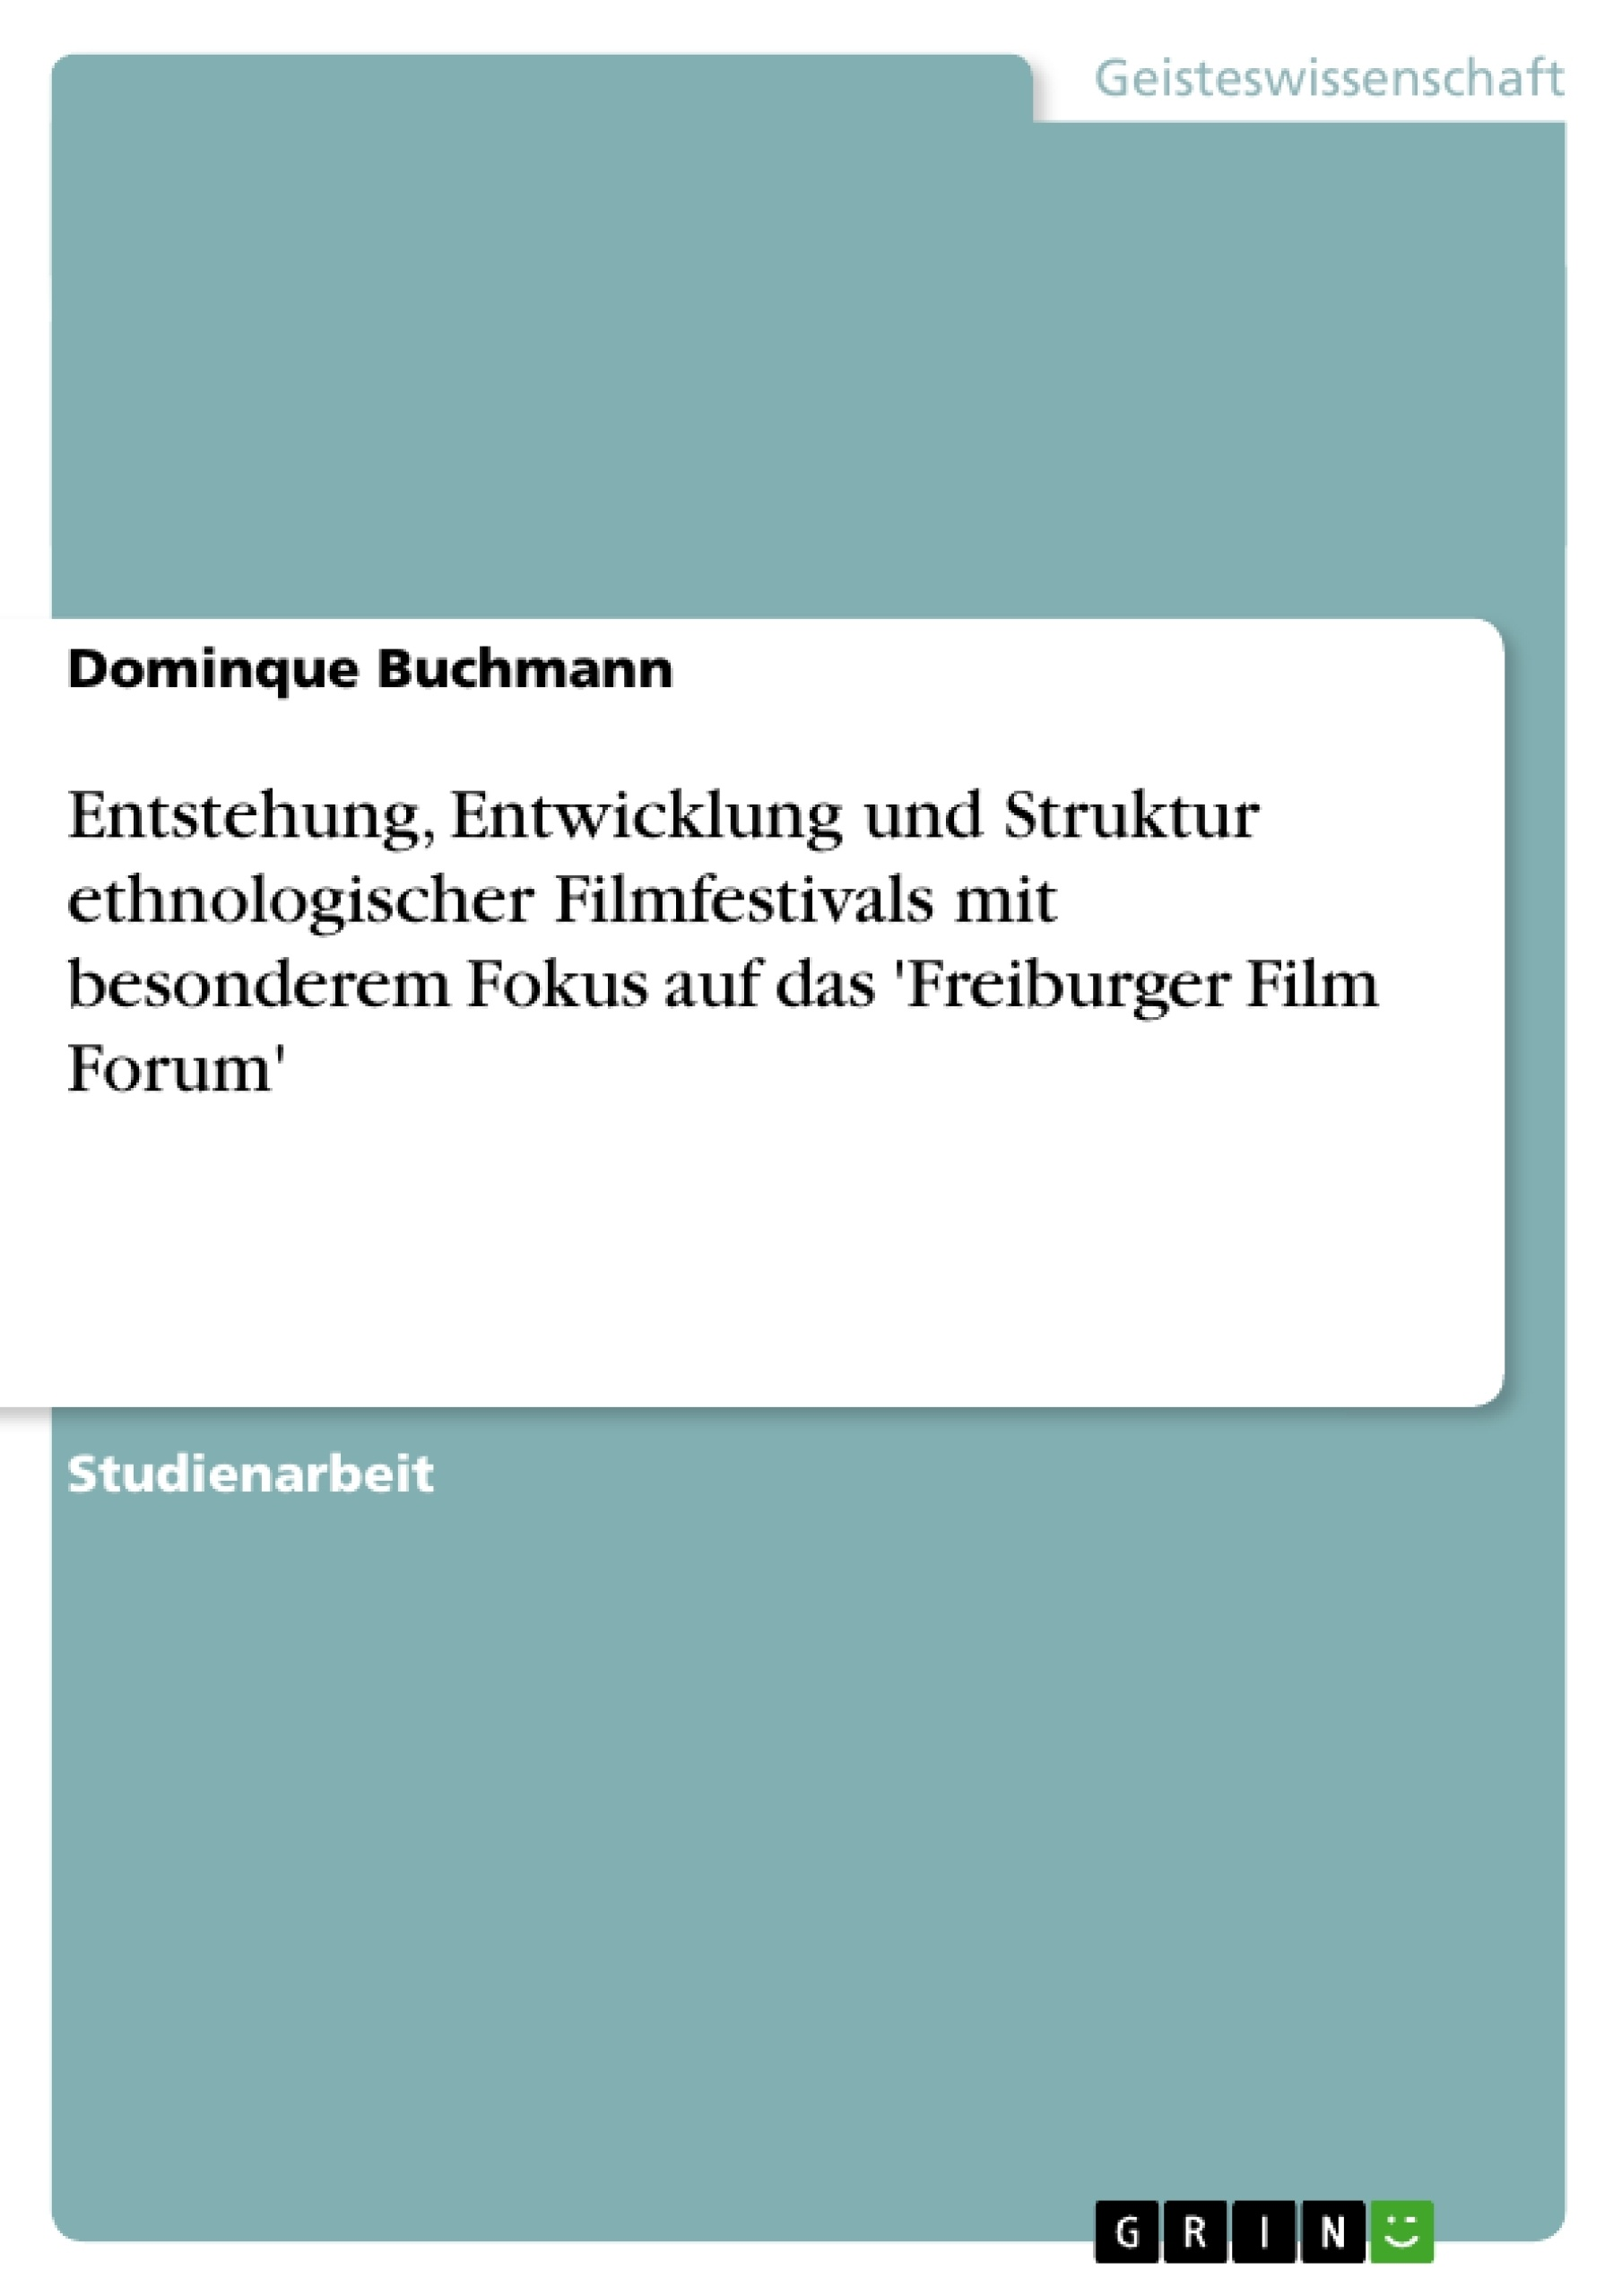 Titel: Entstehung, Entwicklung und Struktur ethnologischer Filmfestivals mit besonderem Fokus auf das 'Freiburger Film Forum'